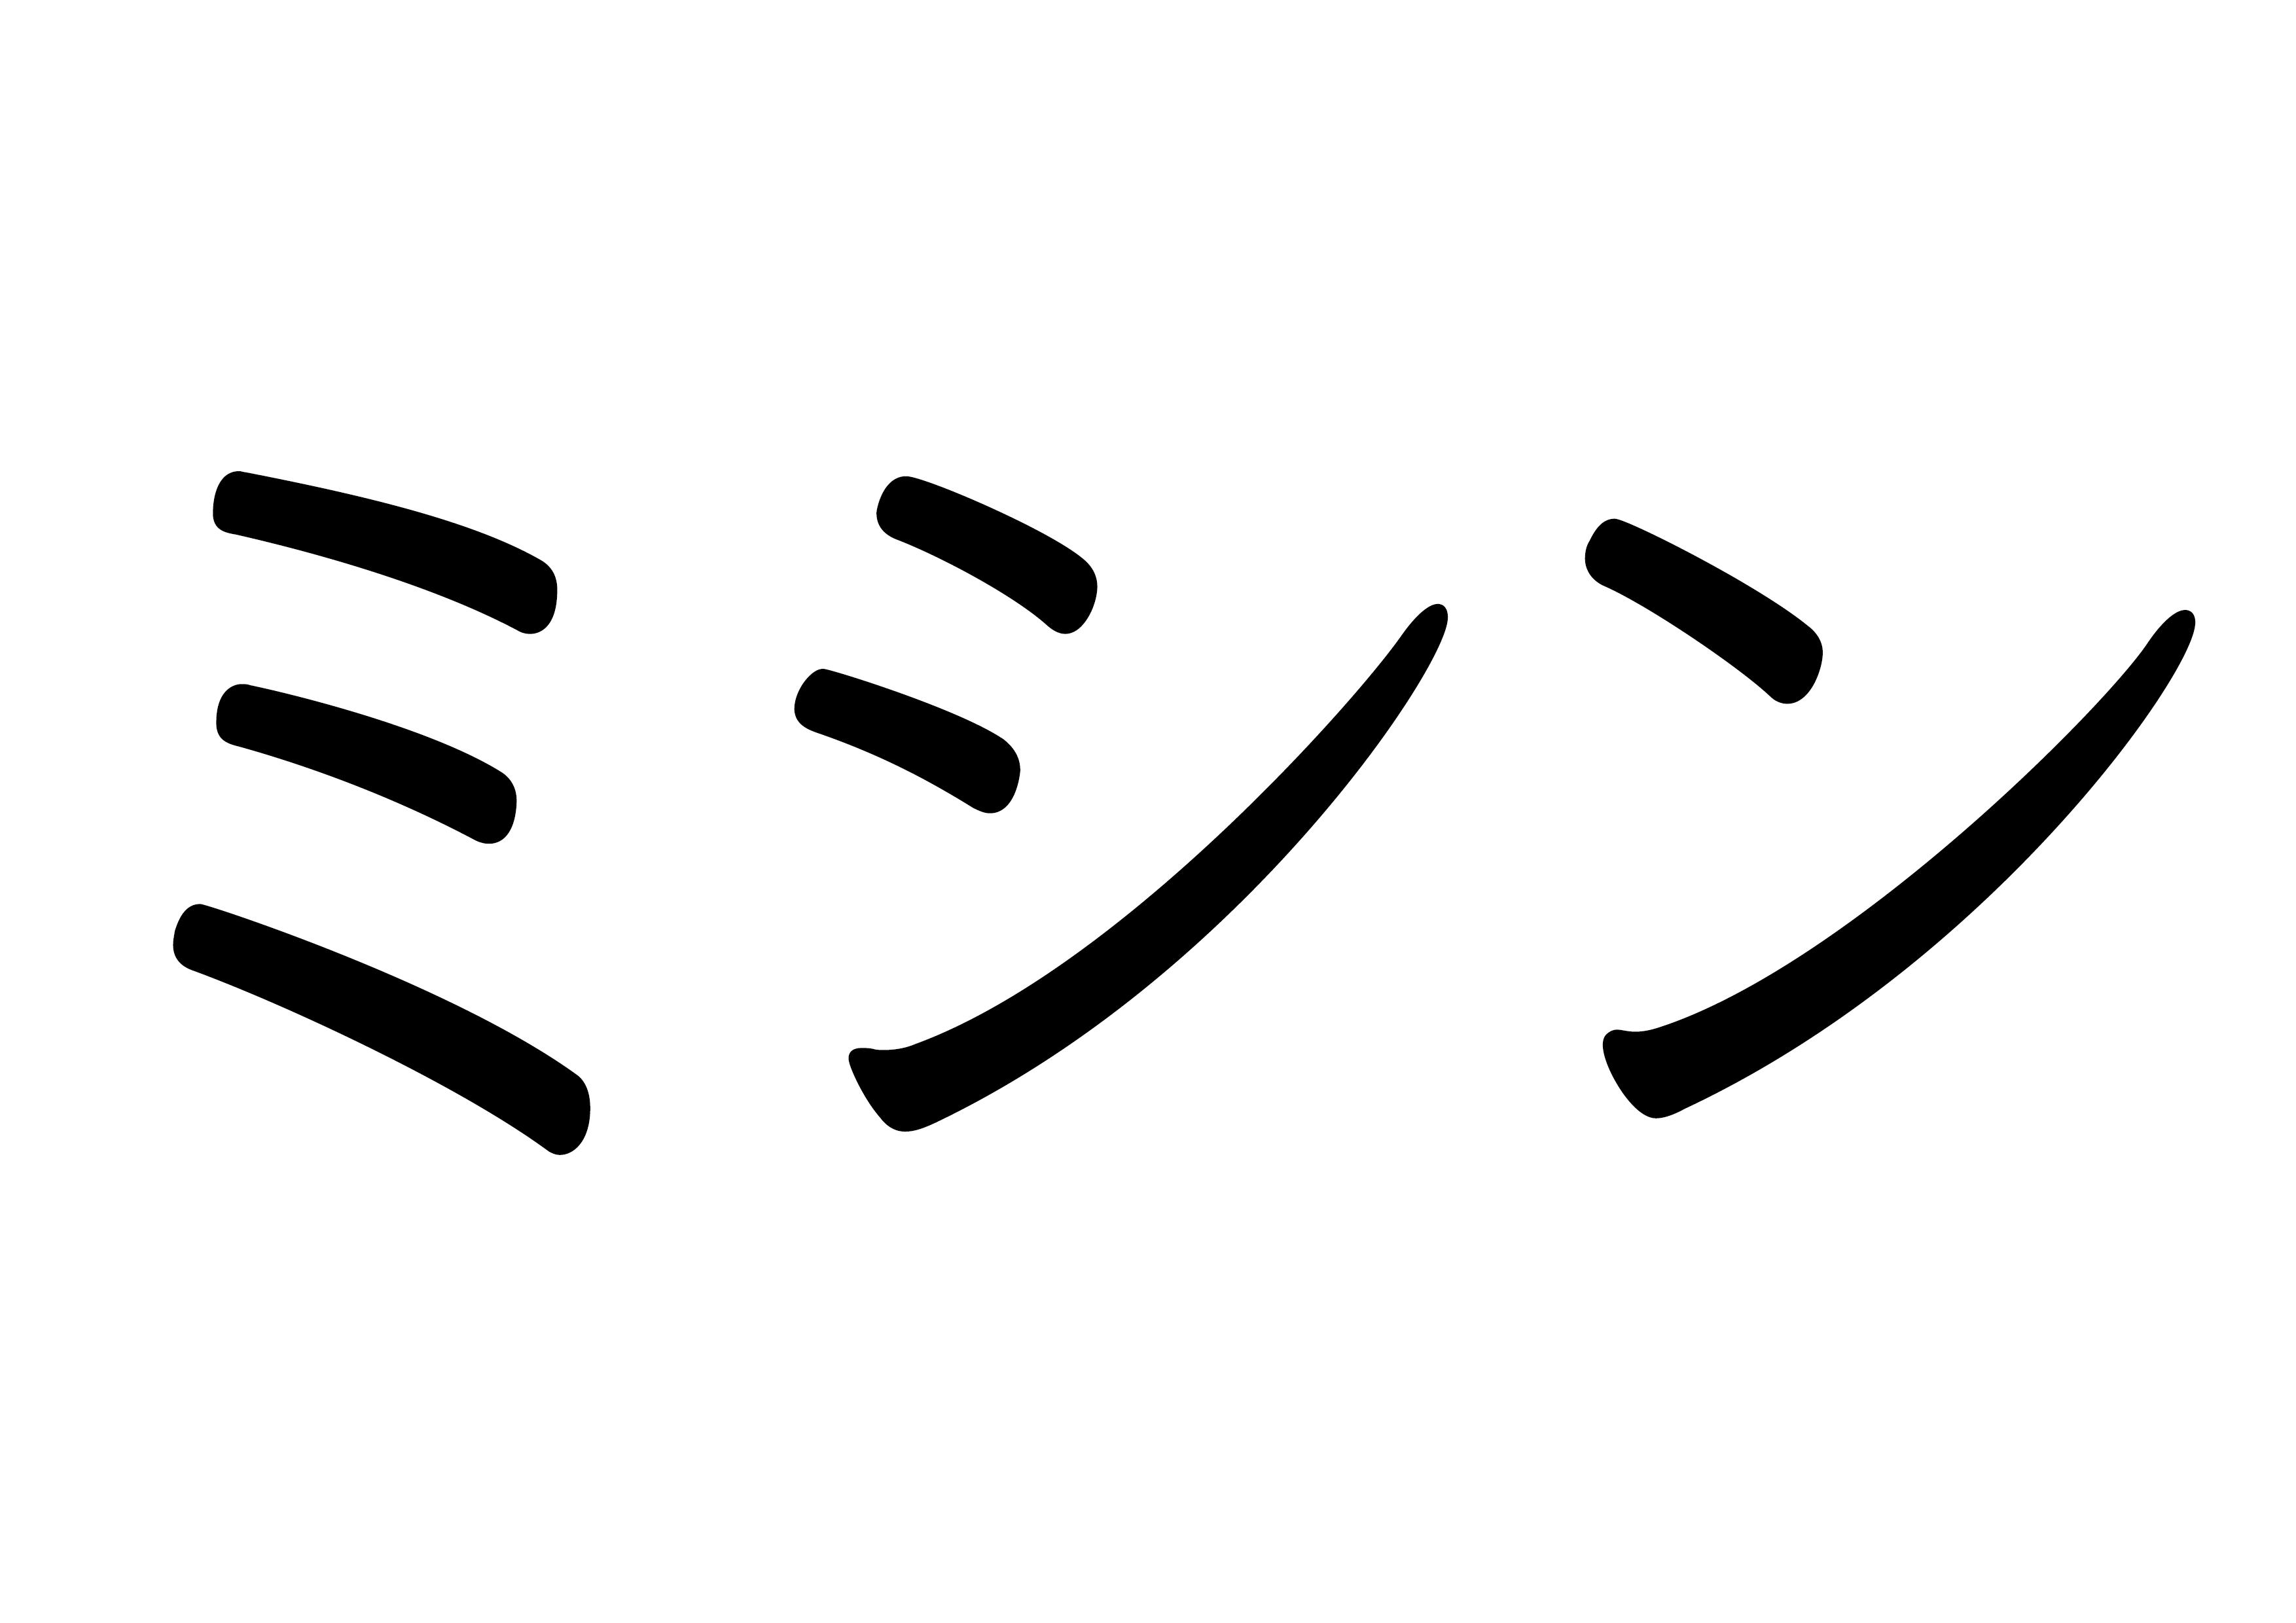 カタカナ【ミシン】